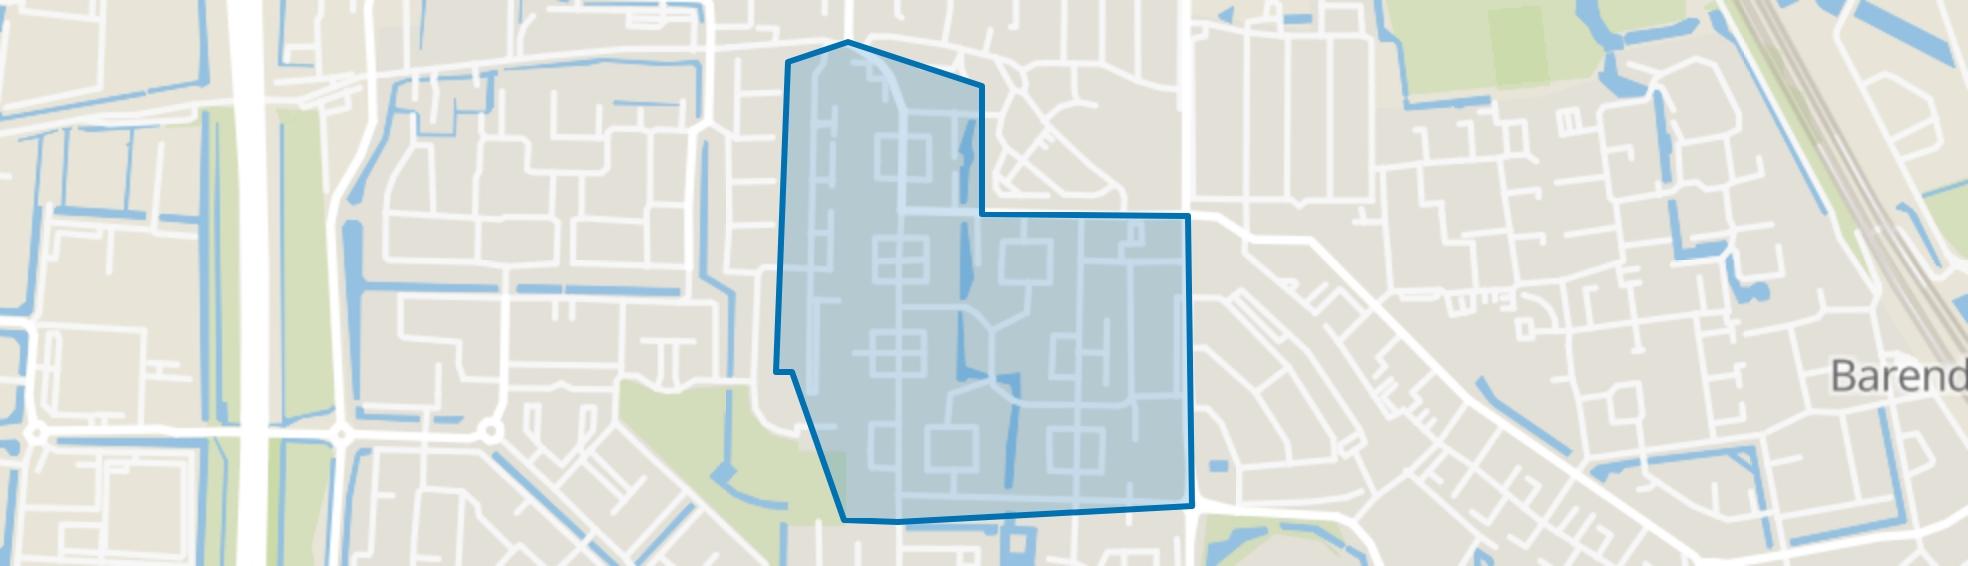 Paddewei, Barendrecht map